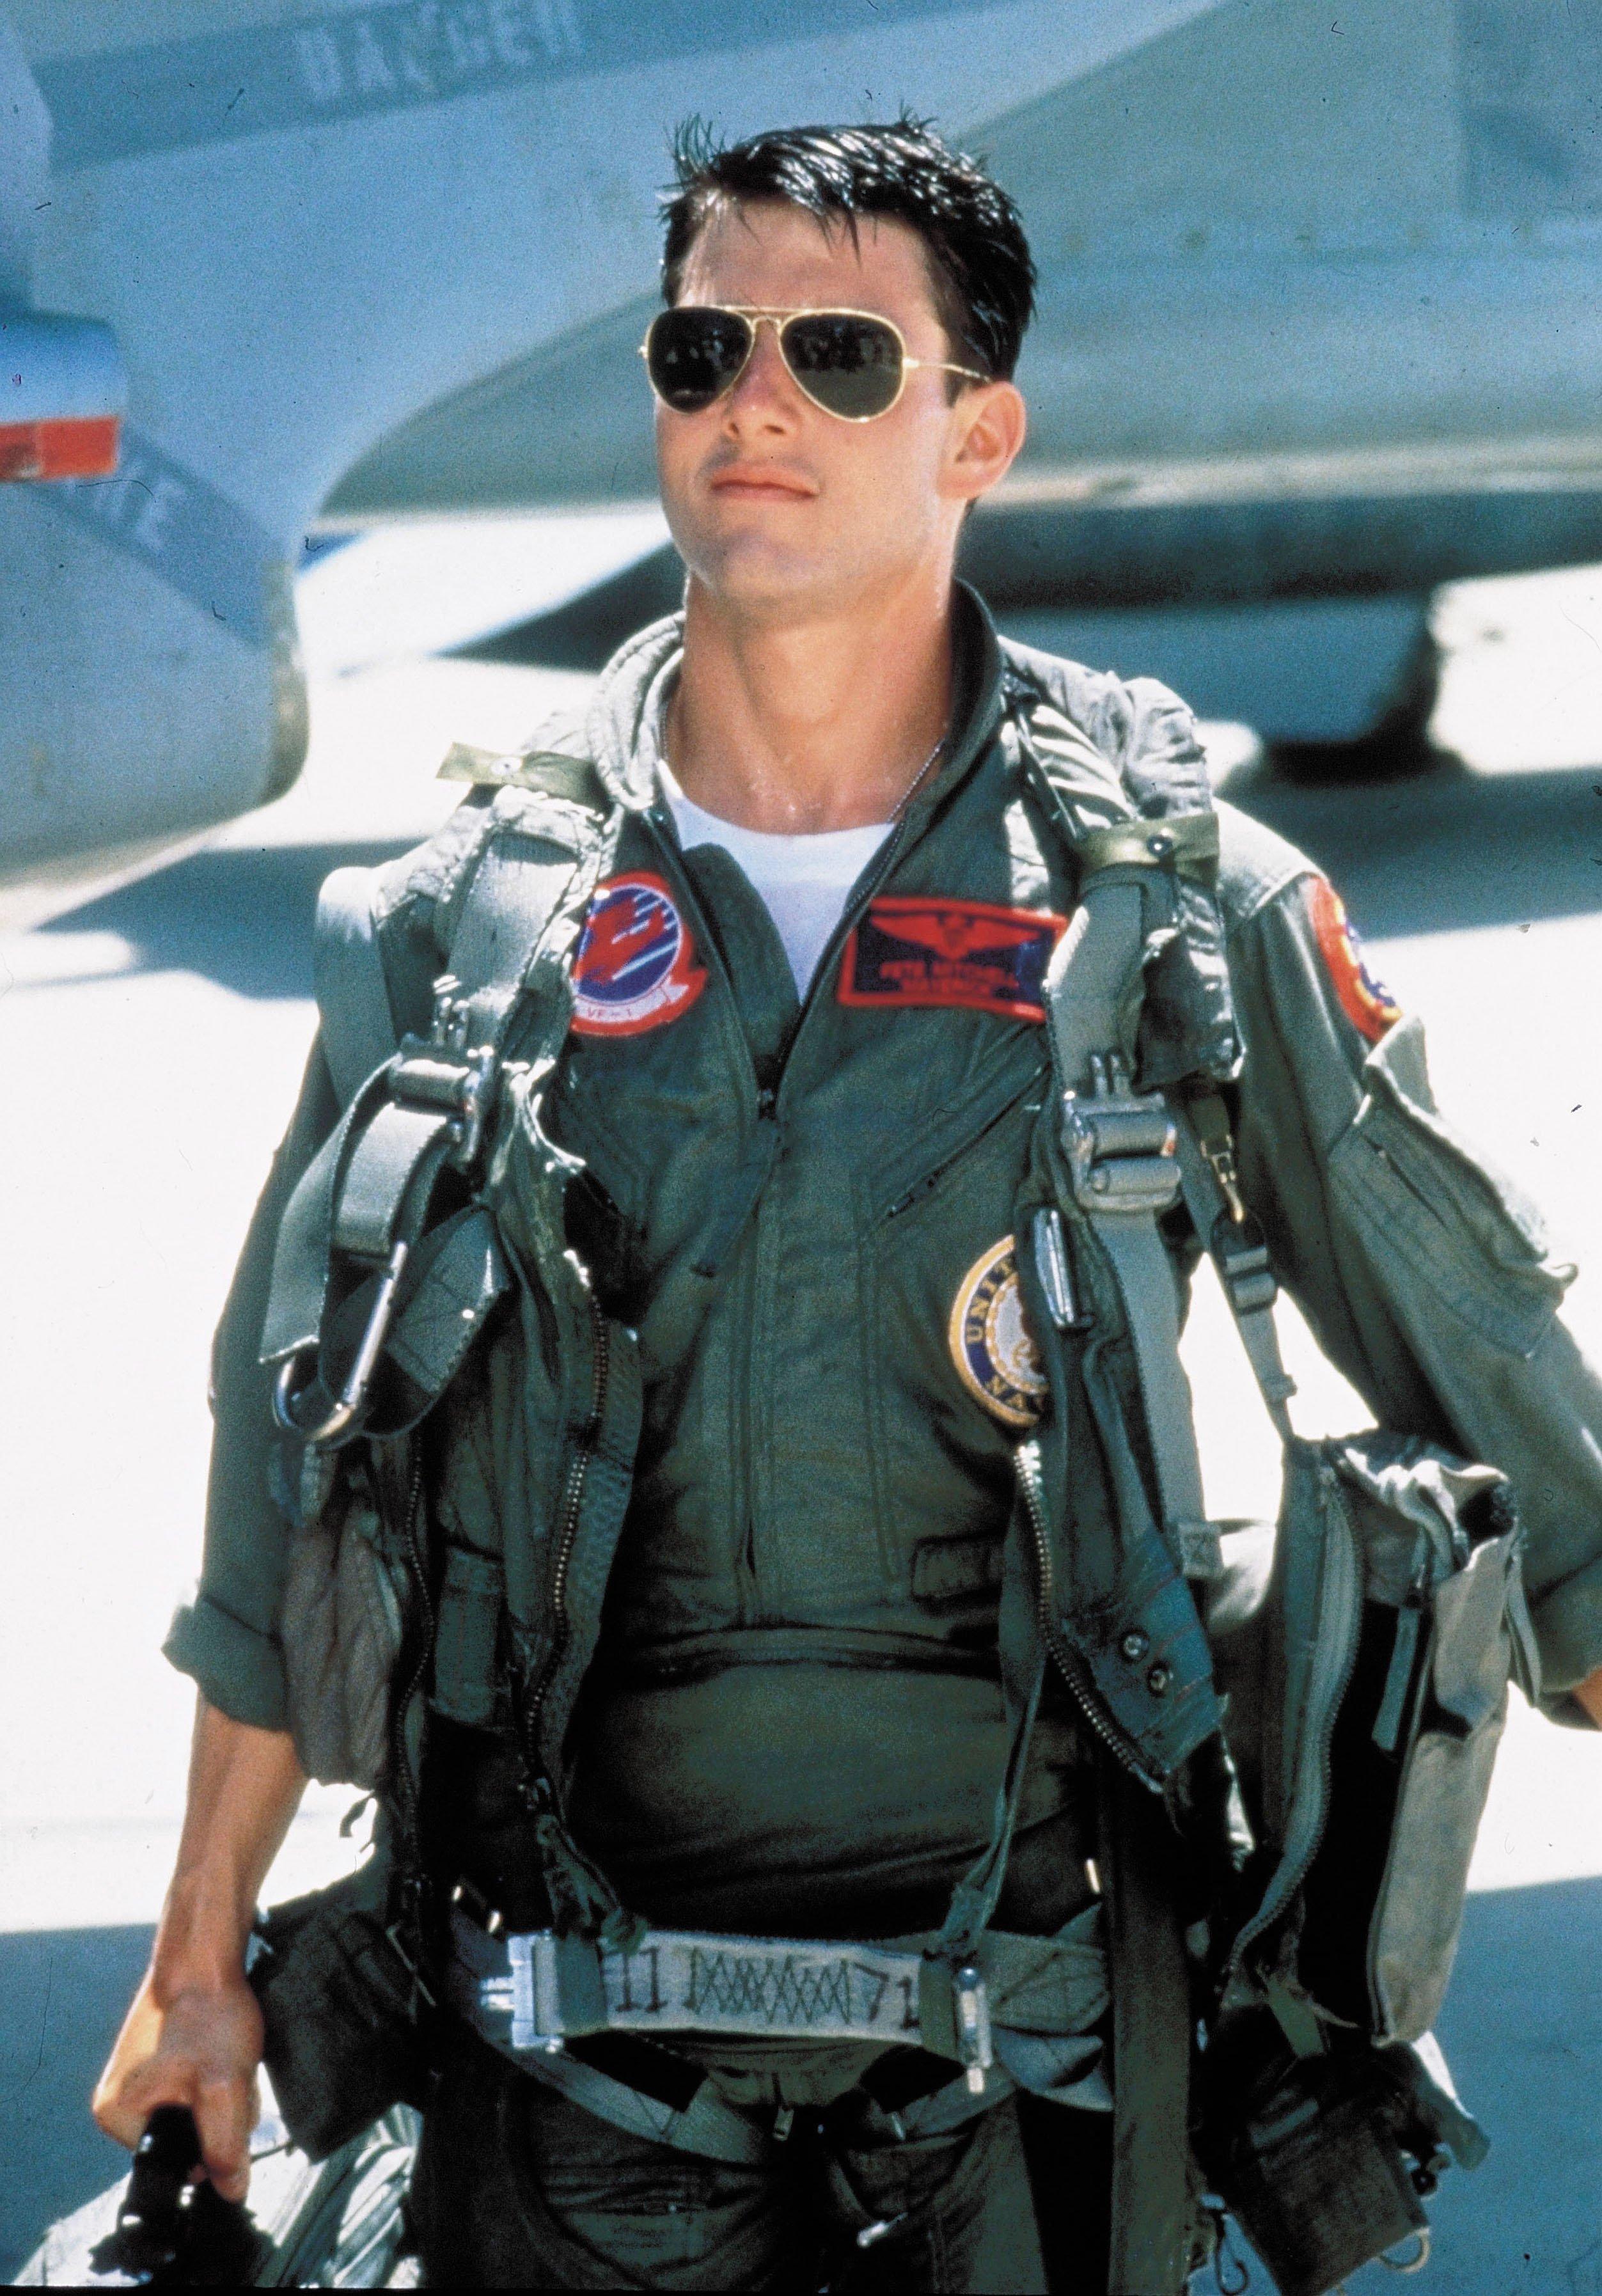 Tom-Cruise-top-gun